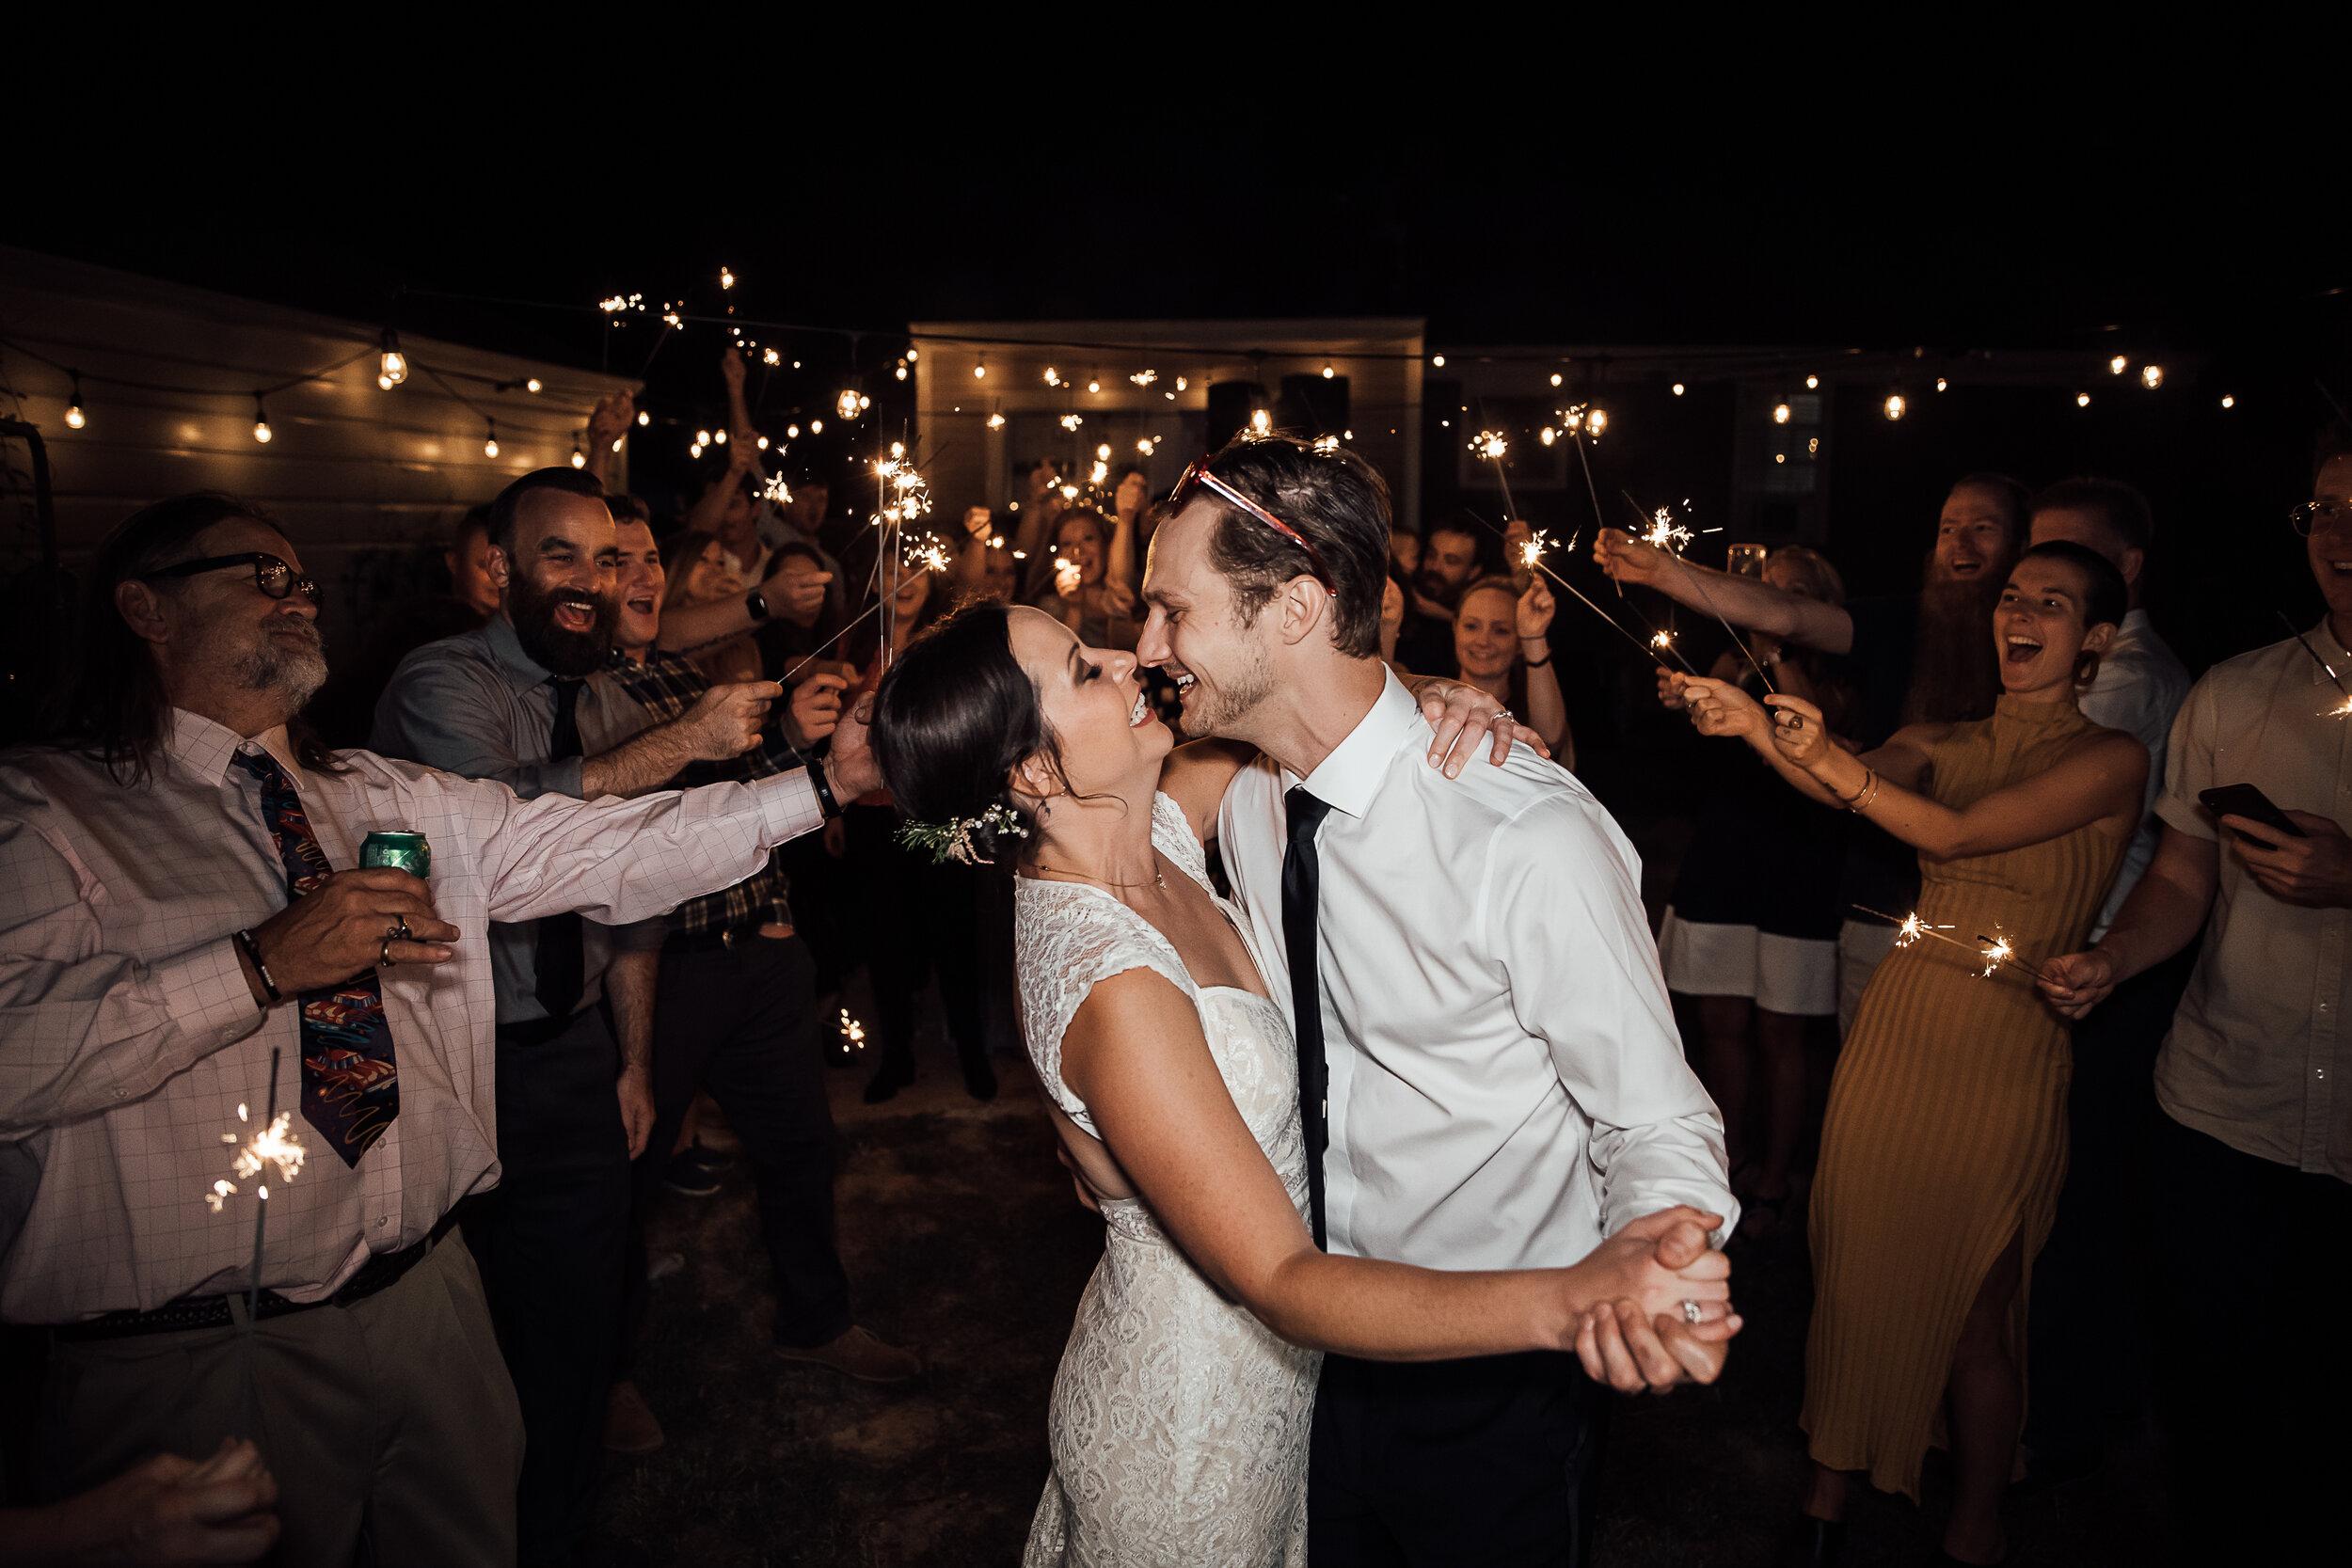 Allison-and-Wesley-Memphis-Backyard-Wedding-TheWarmthAroundYou-86.jpg